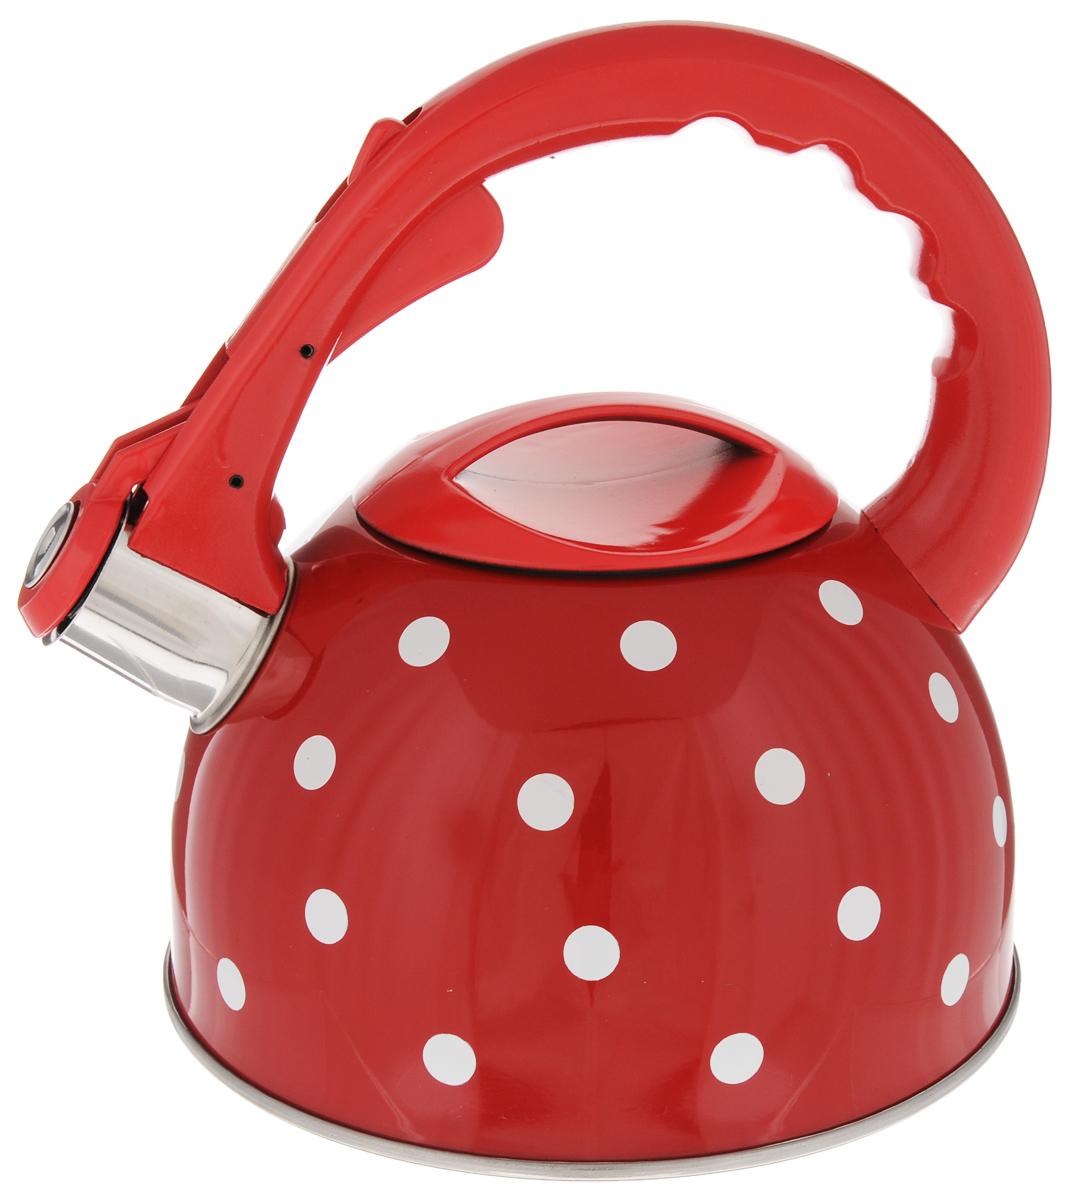 Чайник Mayer & Boch Горох, со свистком, 2,5 л. 2604694672Чайник со свистком Mayer & Boch изготовлен из высококачественной нержавеющей стали, что обеспечивает долговечность использования. Носик чайника оснащен откидным свистком, звуковой сигнал которого подскажет, когда закипит вода. Фиксированная ручка, изготовленная из пластика и цинка, снабжена клавишей для открывания носика, что делает использование чайника очень удобным и безопасным.Чайник Mayer & Boch - качественное исполнение и стильное решение для вашей кухни. Подходит для всех типов плит, включая индукционные. Можно мыть в посудомоечной машине. Высота чайника (с учетом ручки): 22,5 см.Высота чайника (без учета ручки и крышки): 12 см.Диаметр чайника (по верхнему краю): 10 см.Диаметр основания: 19 см.